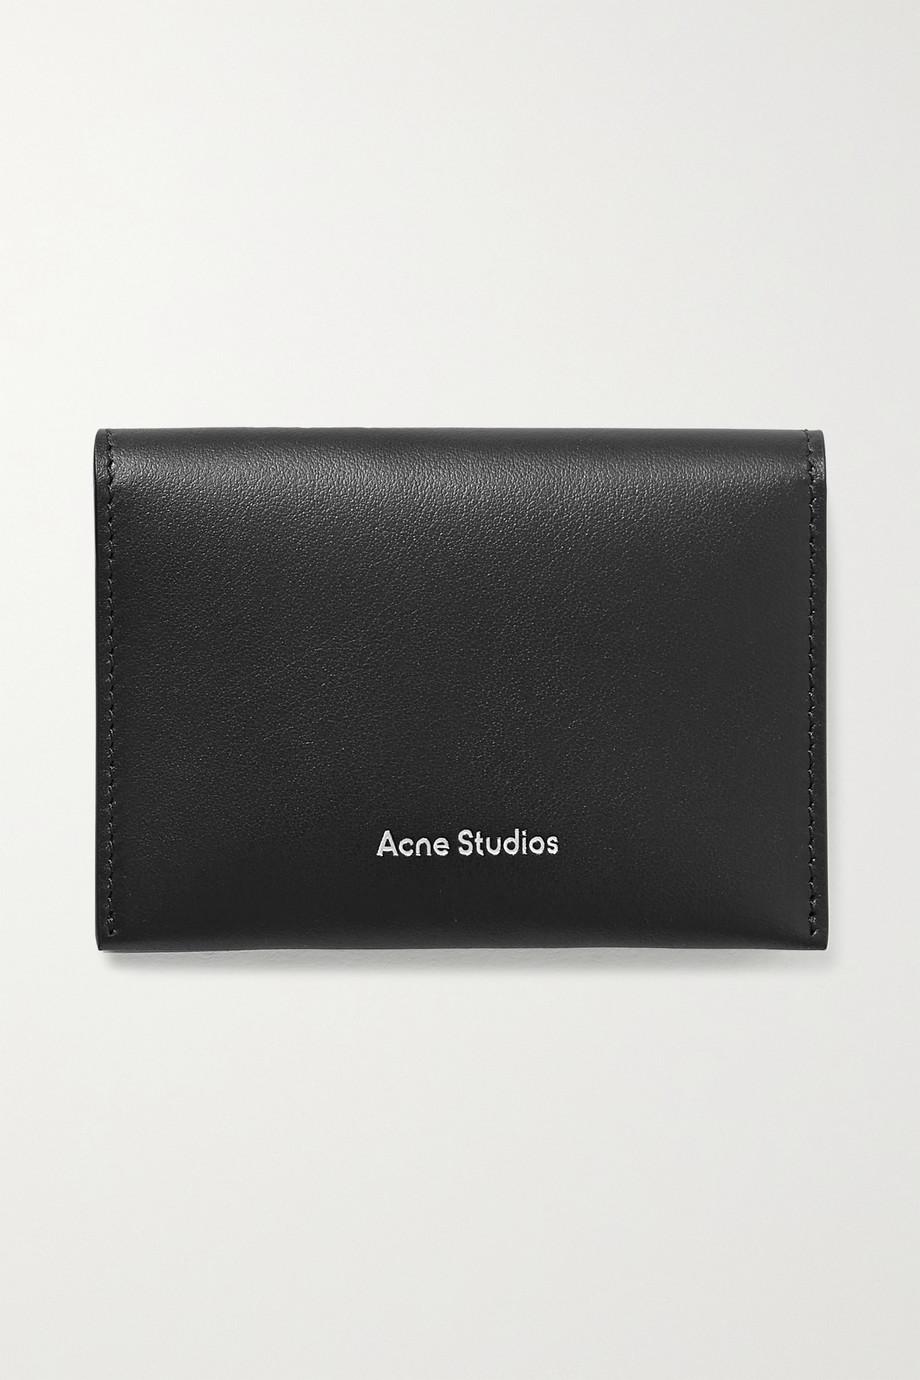 Acne Studios Porte-cartes en cuir